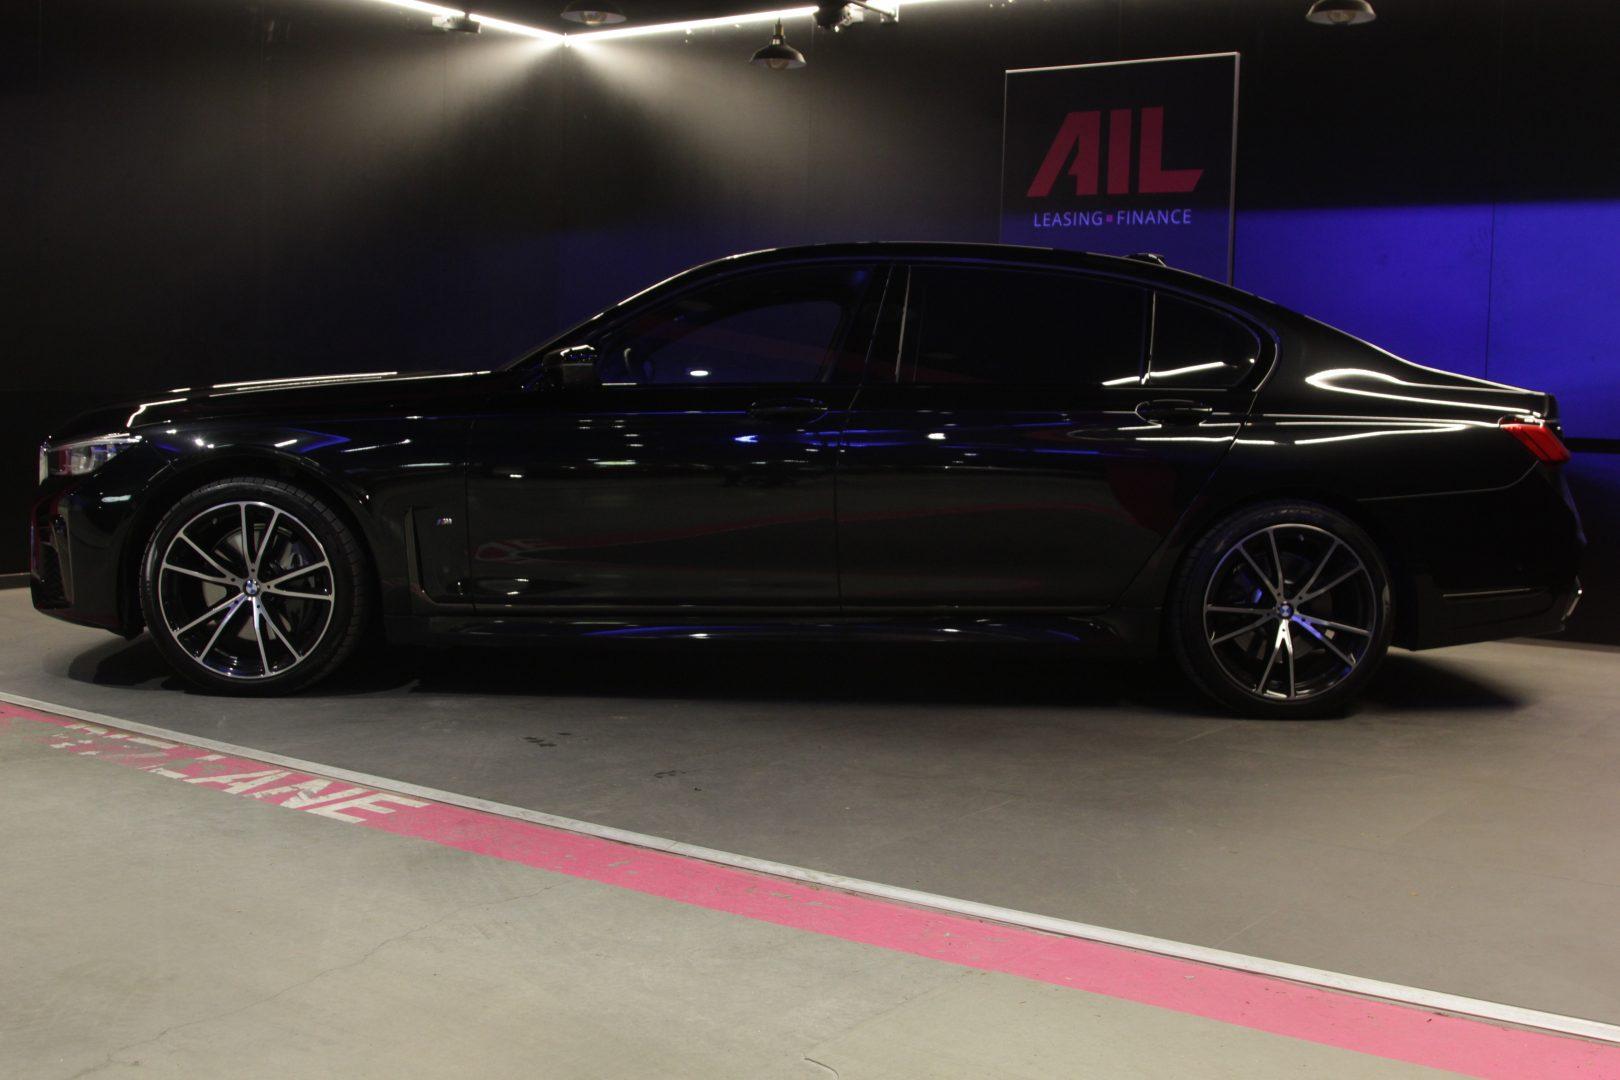 AIL BMW 730Ld xDrive M Paket Laser  5